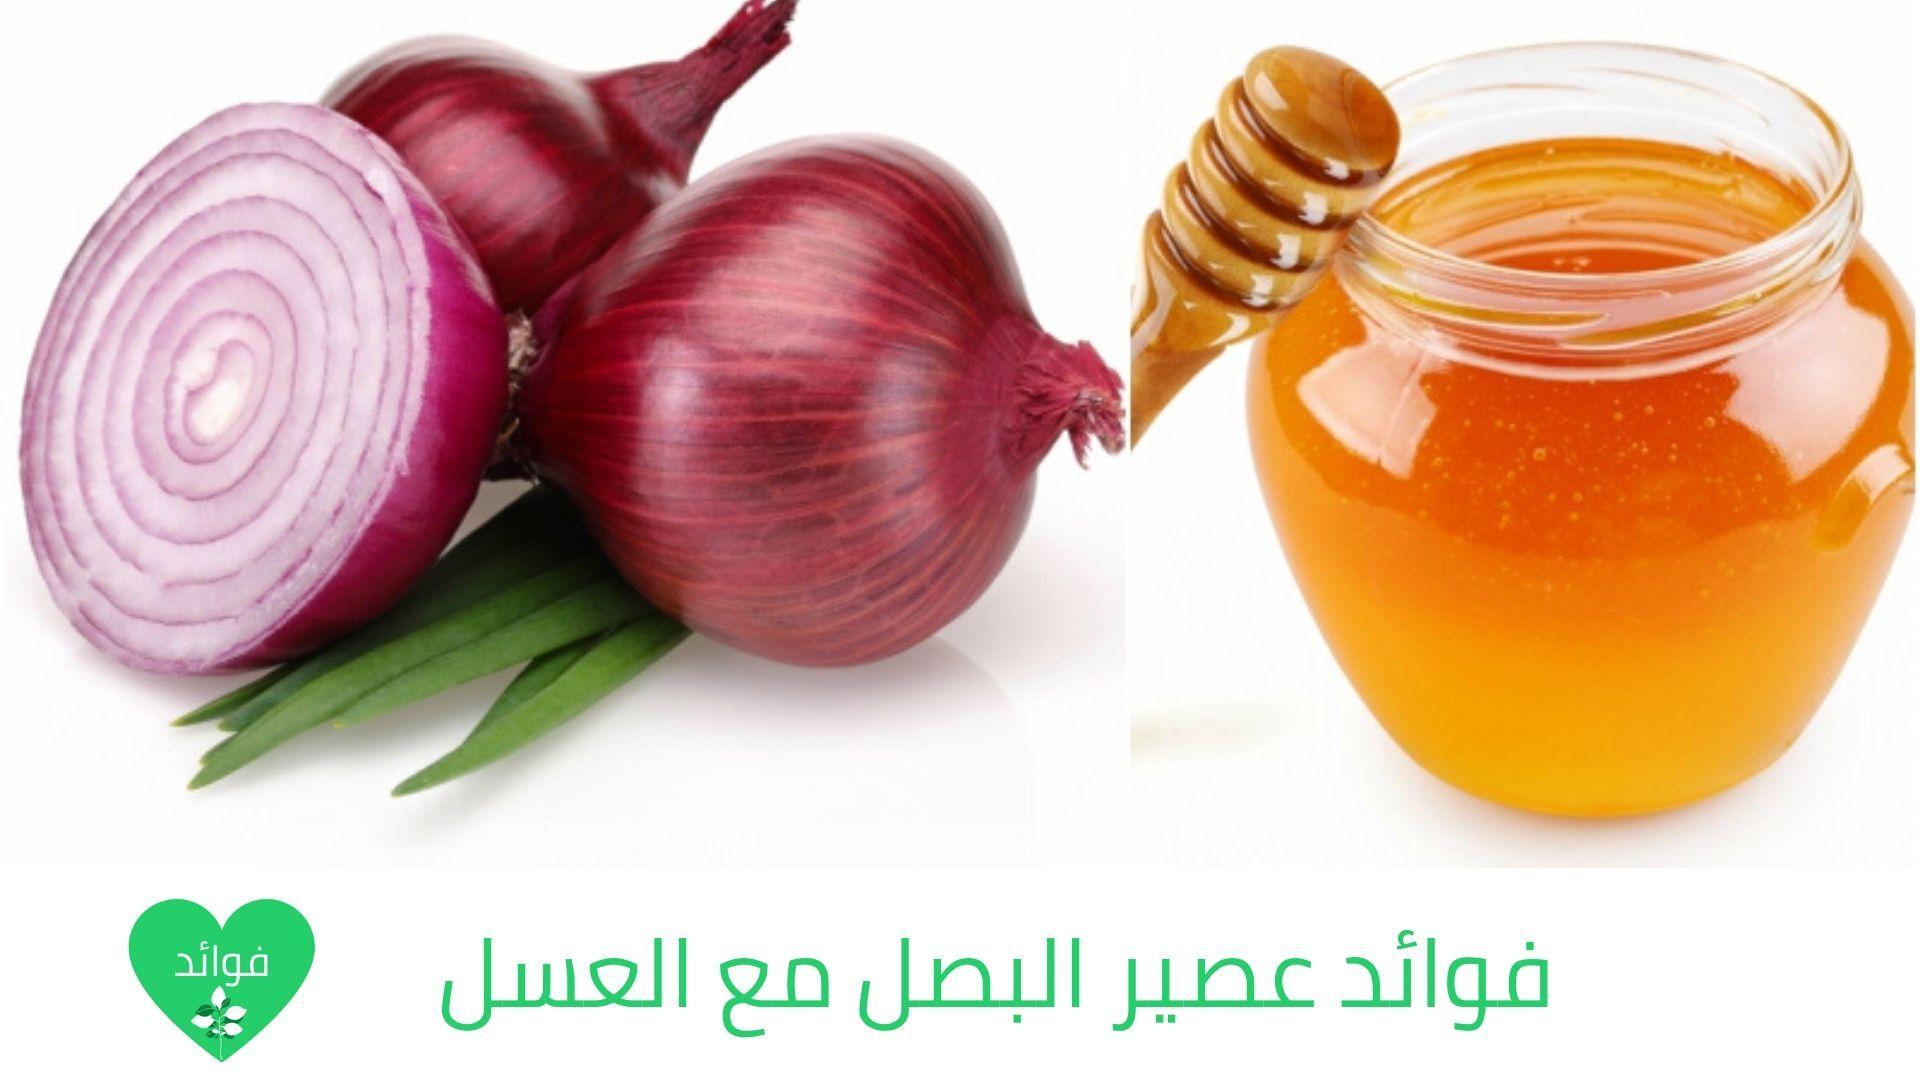 فوائد عصير البصل مع العسل وأهم الطرق الصحيحة لاستخدامهم Vegetables Onion Garlic